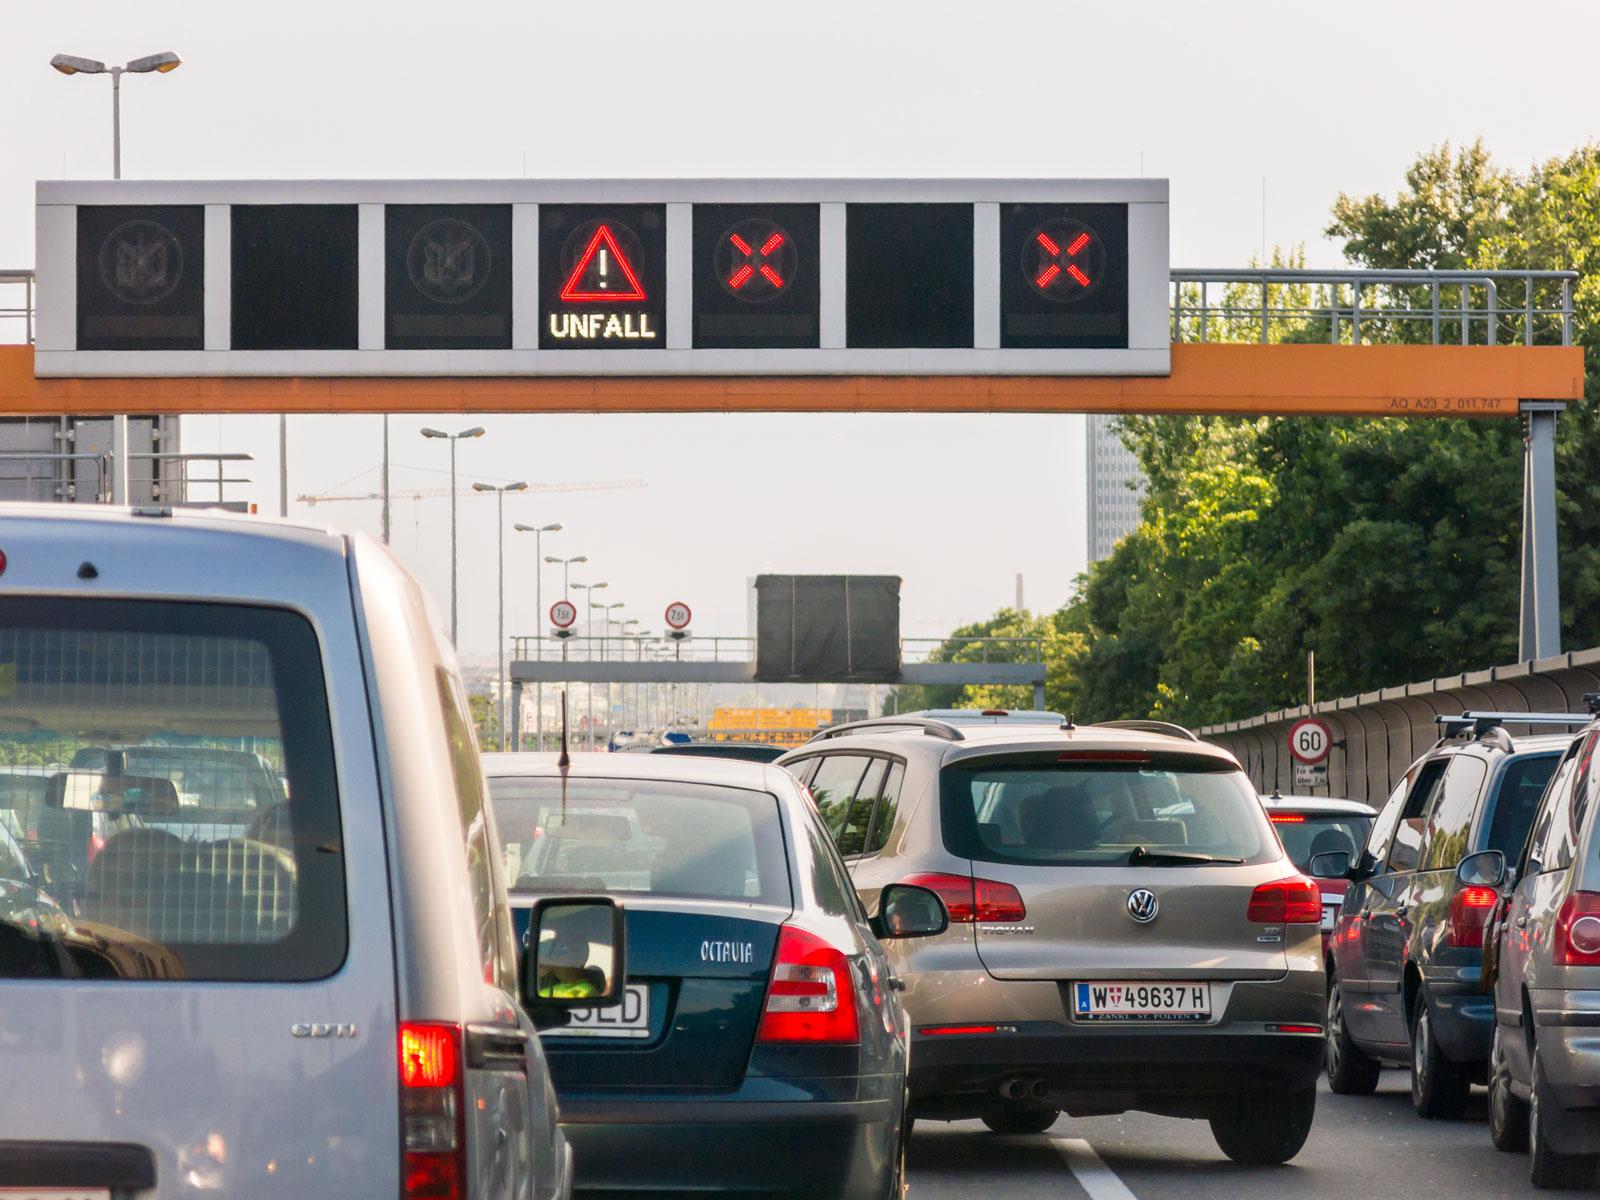 Freie Fahrt für Rettungskräfte: Die Rettungsgasse darf nicht blockiert werden.